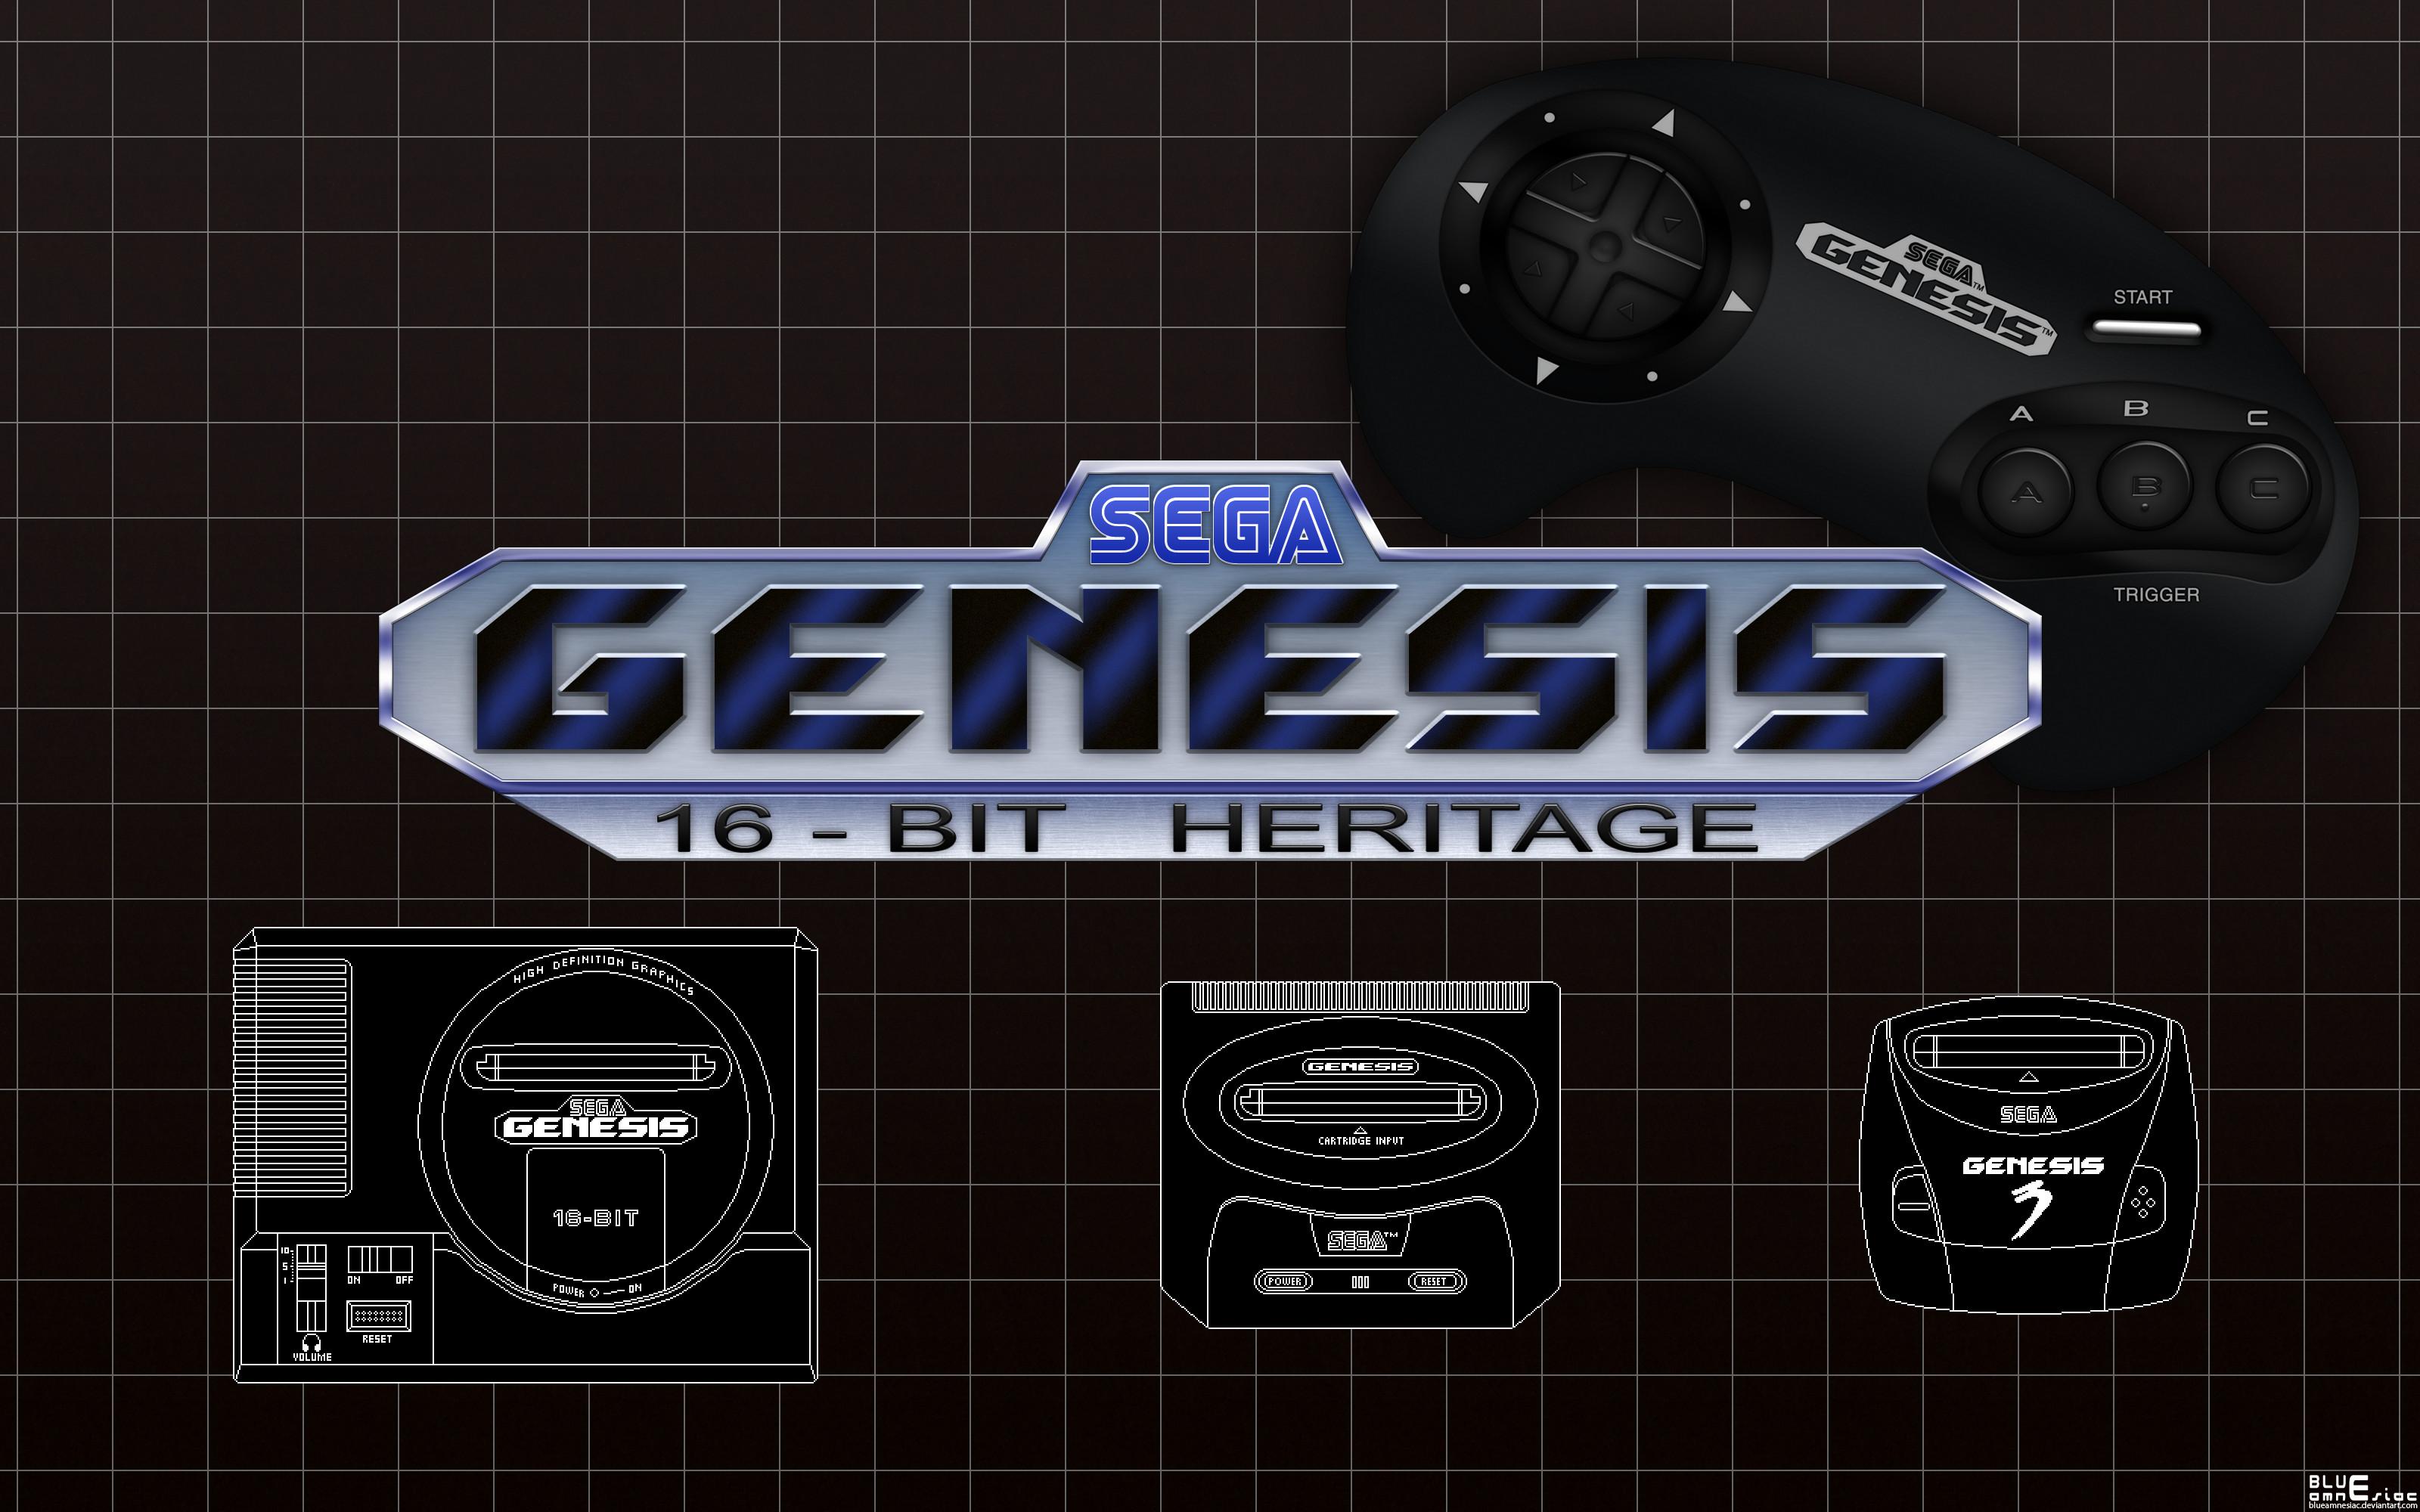 … Sega Genesis: 16-bit Heritage Wallpaper by BLUEamnesiac